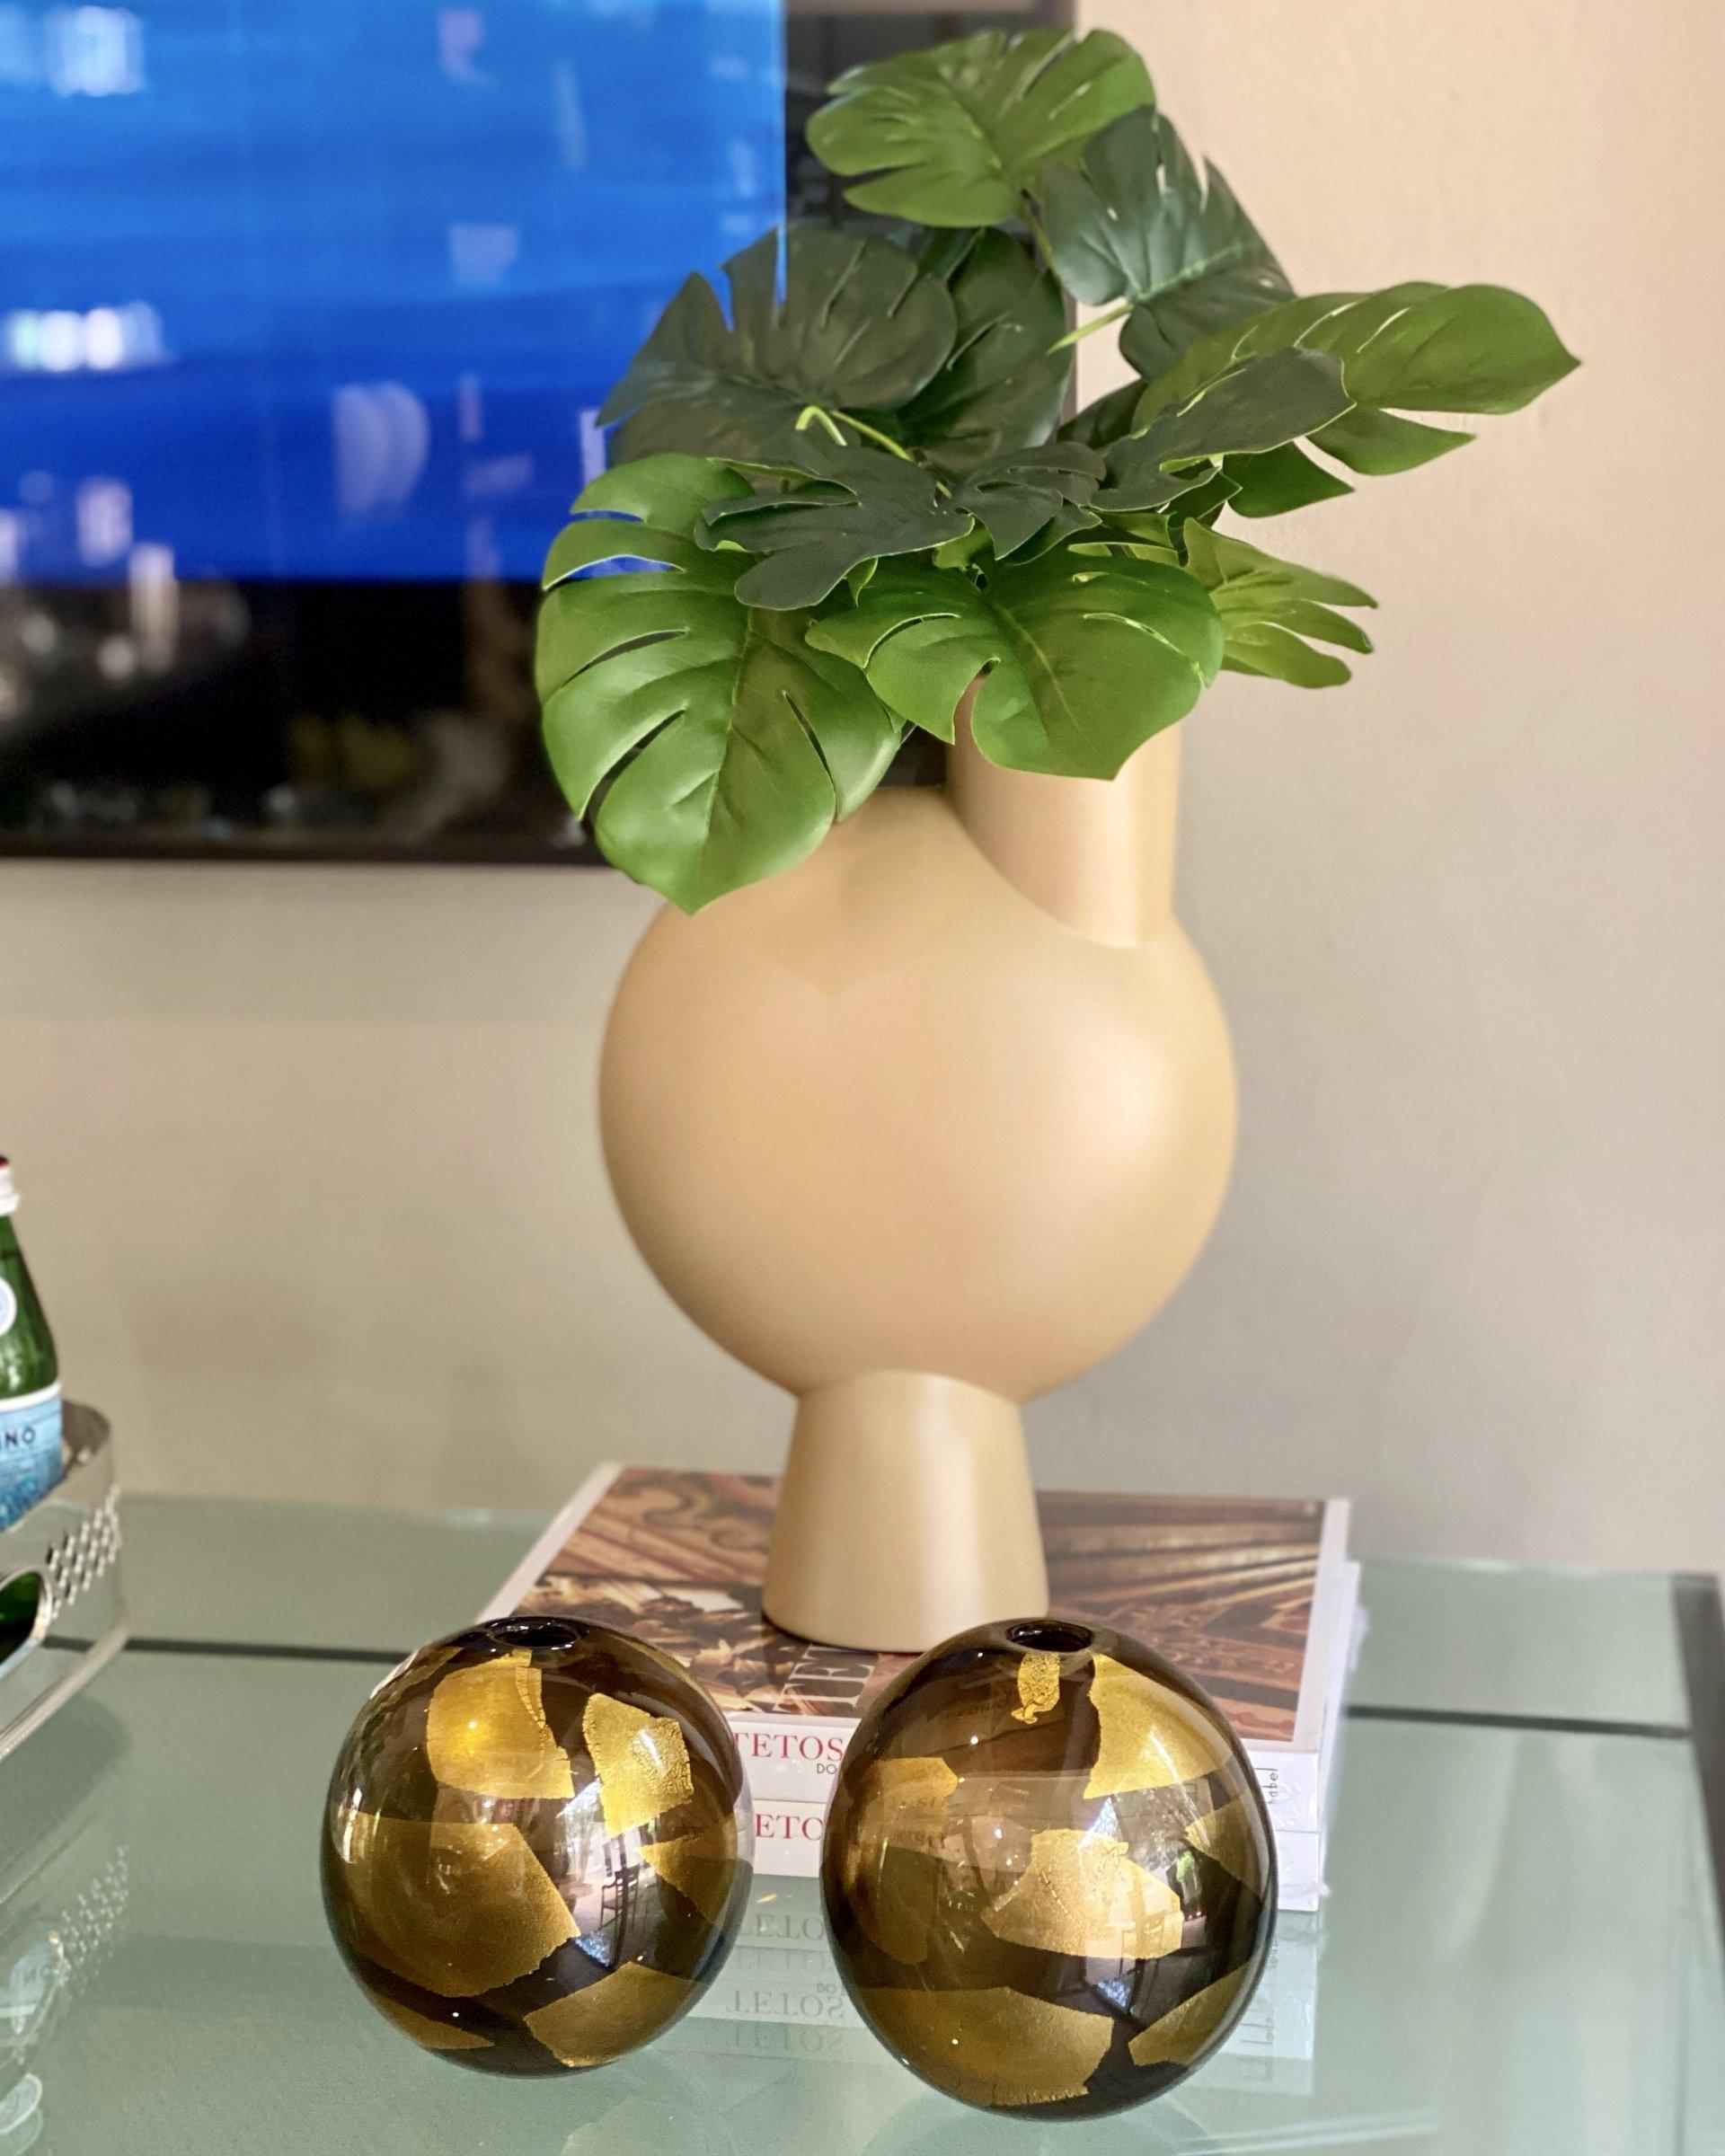 Vaso murano pezzi redondo grafite com ouro